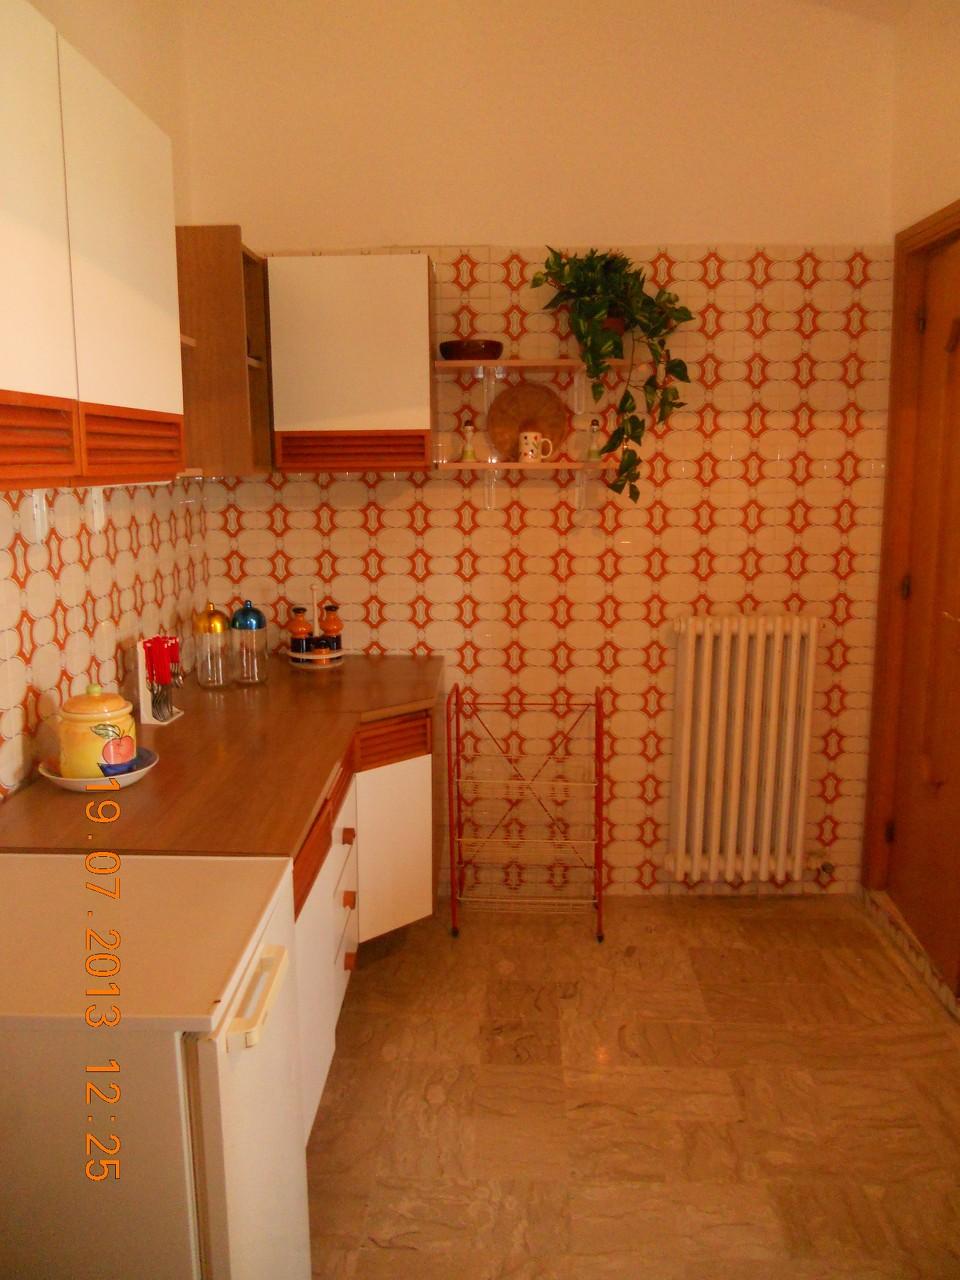 Angolo sinistro della cucina.